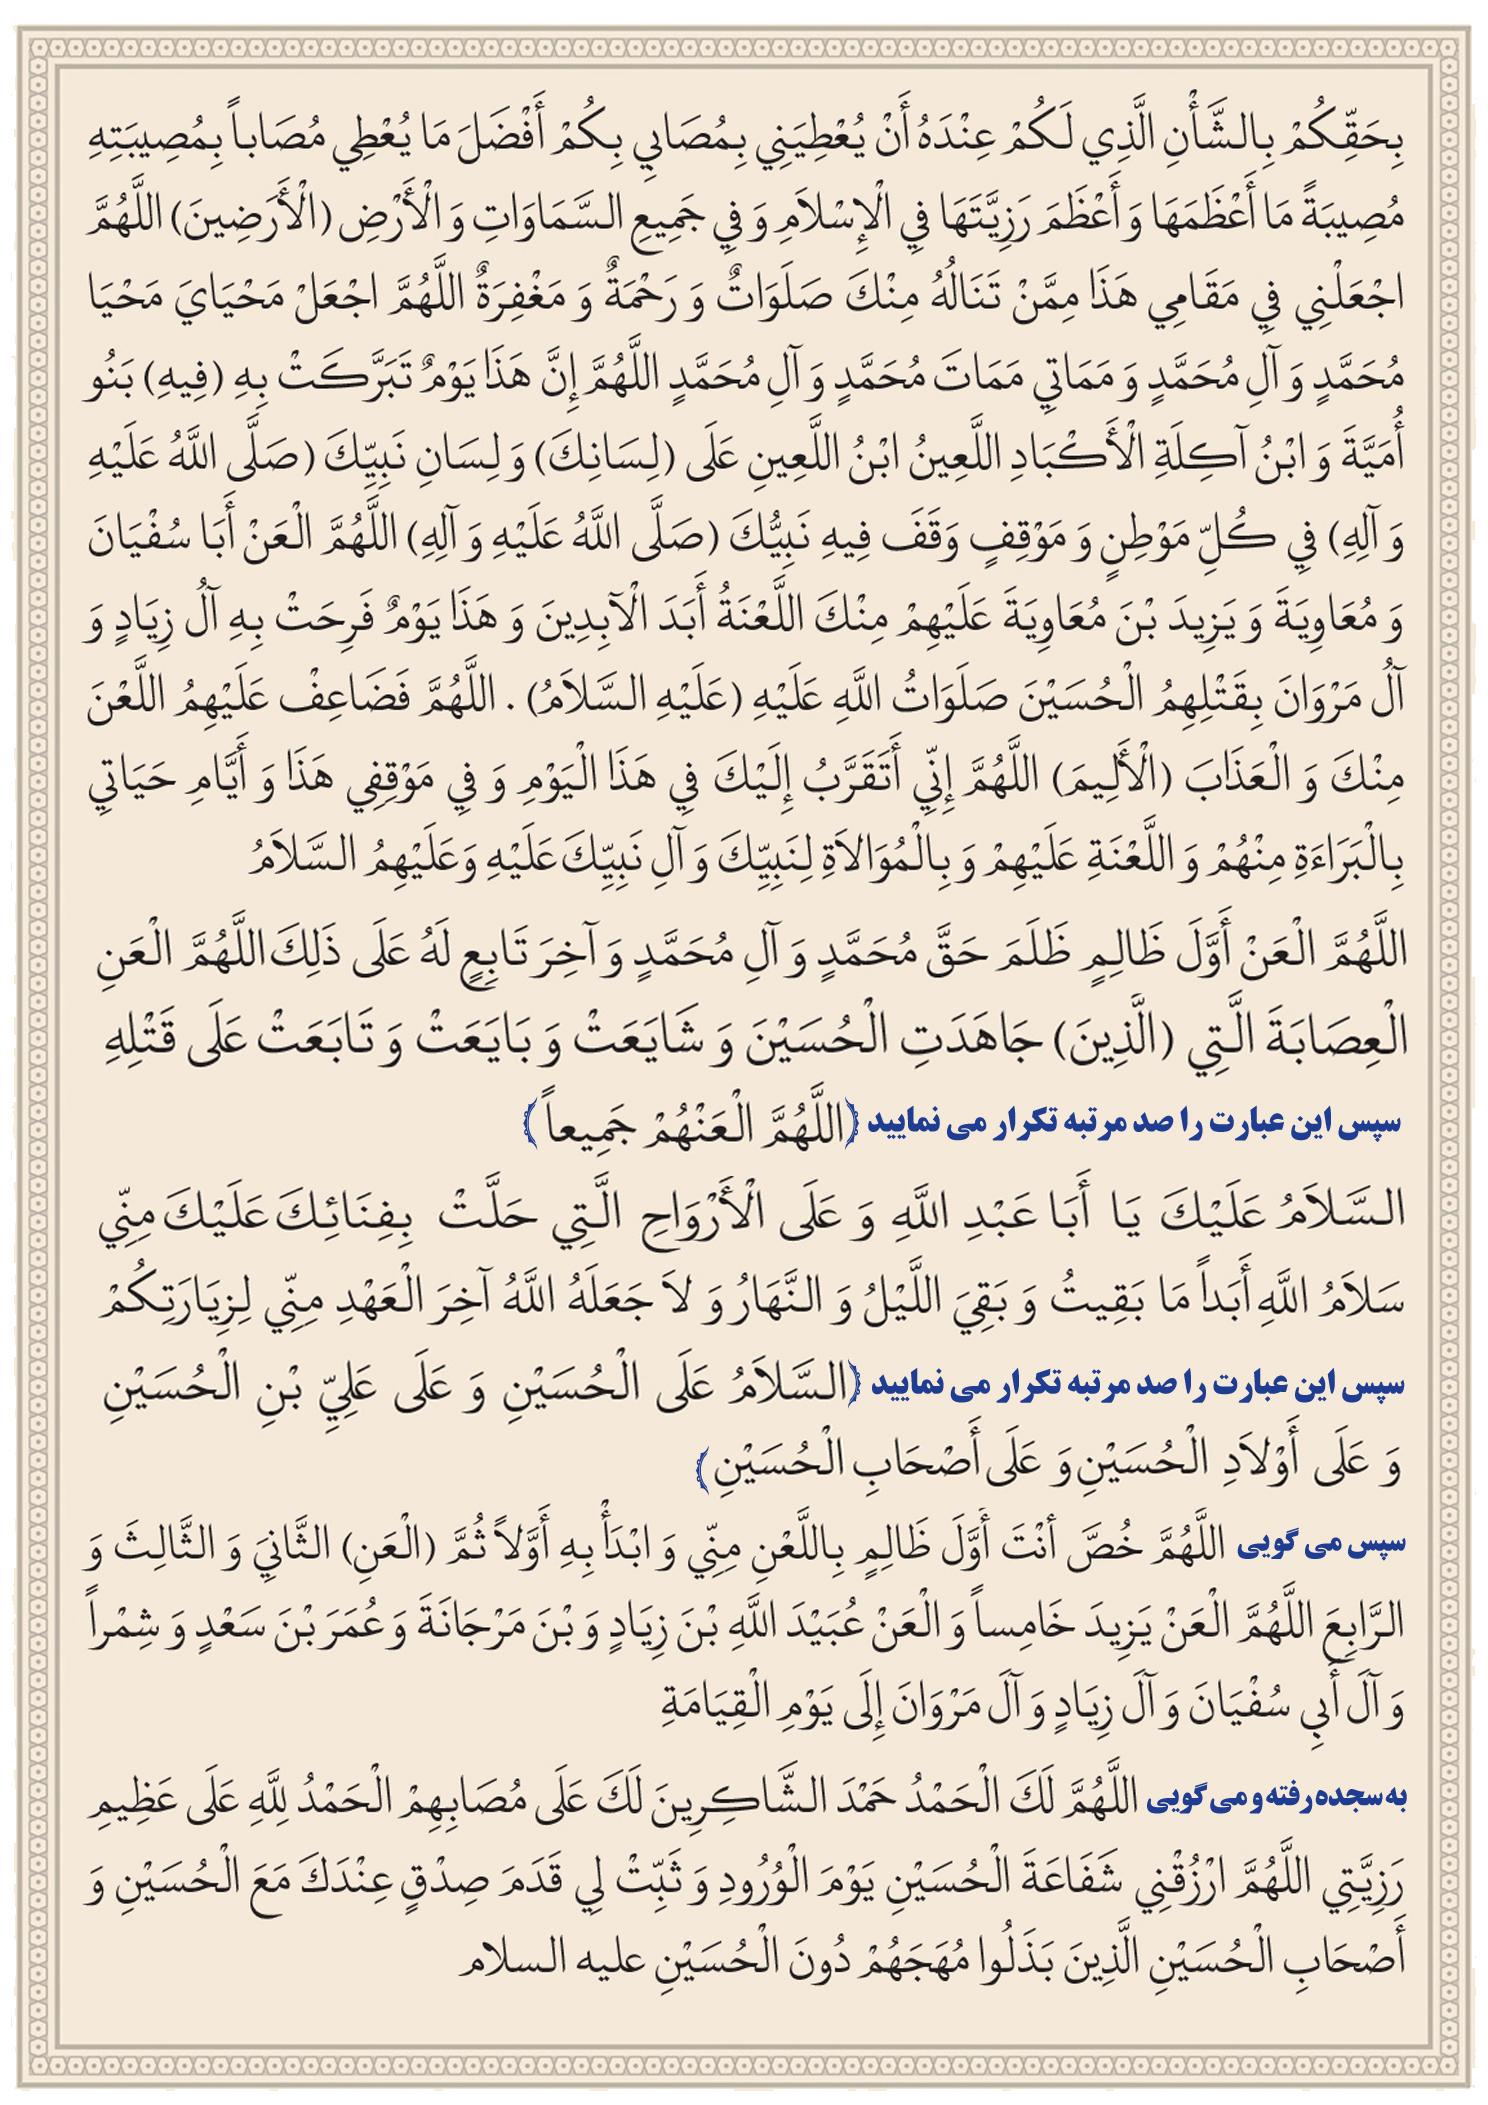 دانلود متن کامل و نسخه قابل چاپ زیارت عاشورا - صفحه دوم